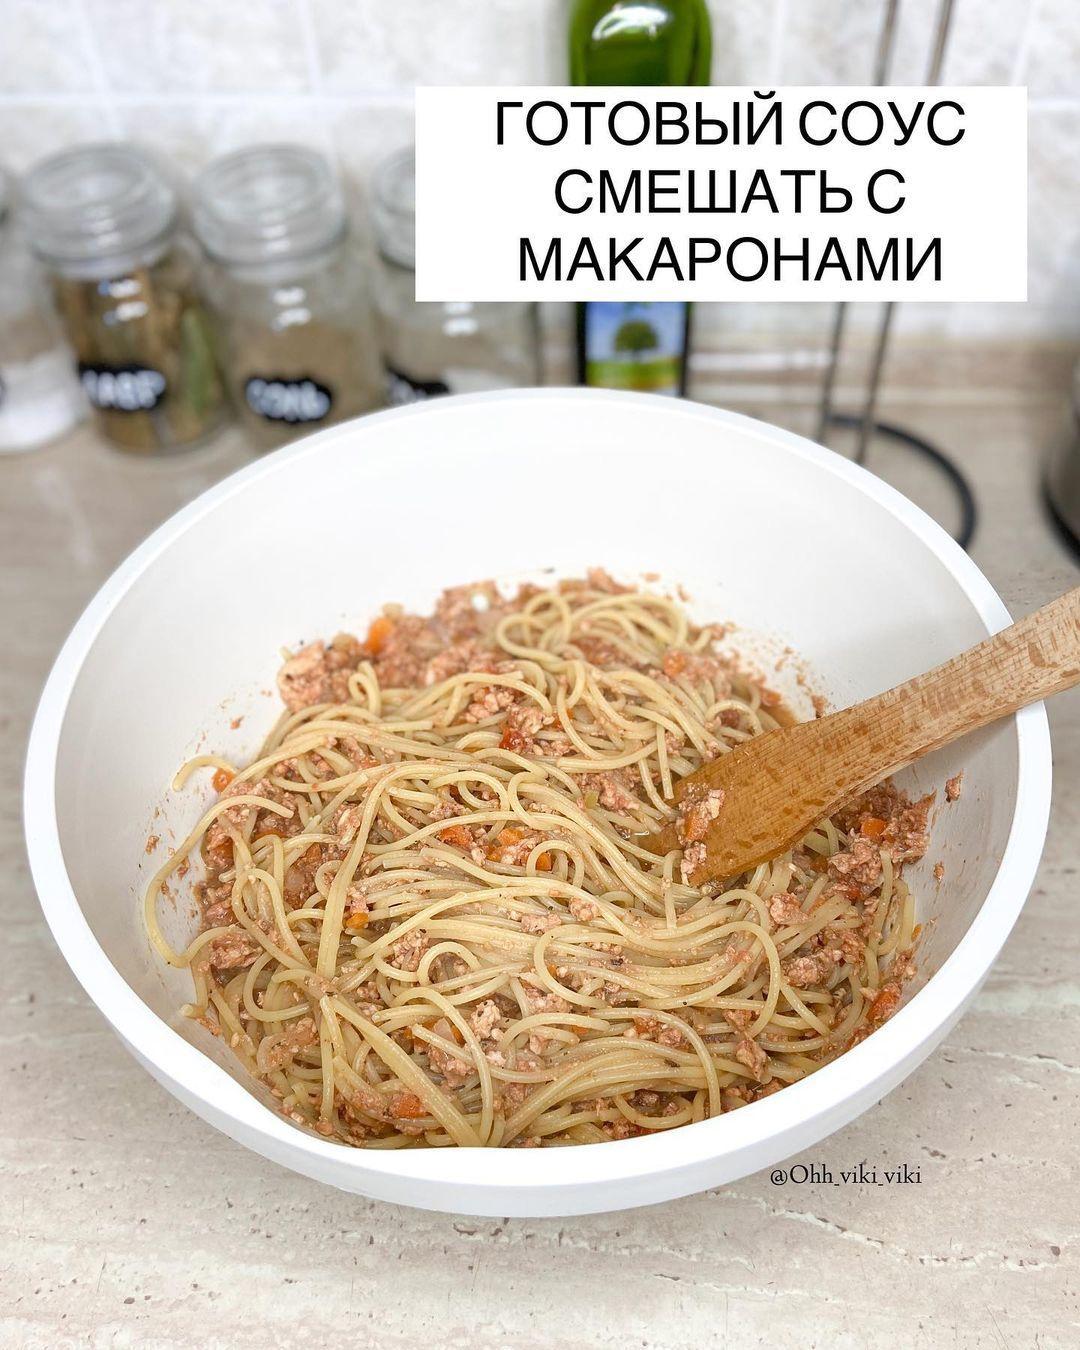 Сочный соус к макаронам